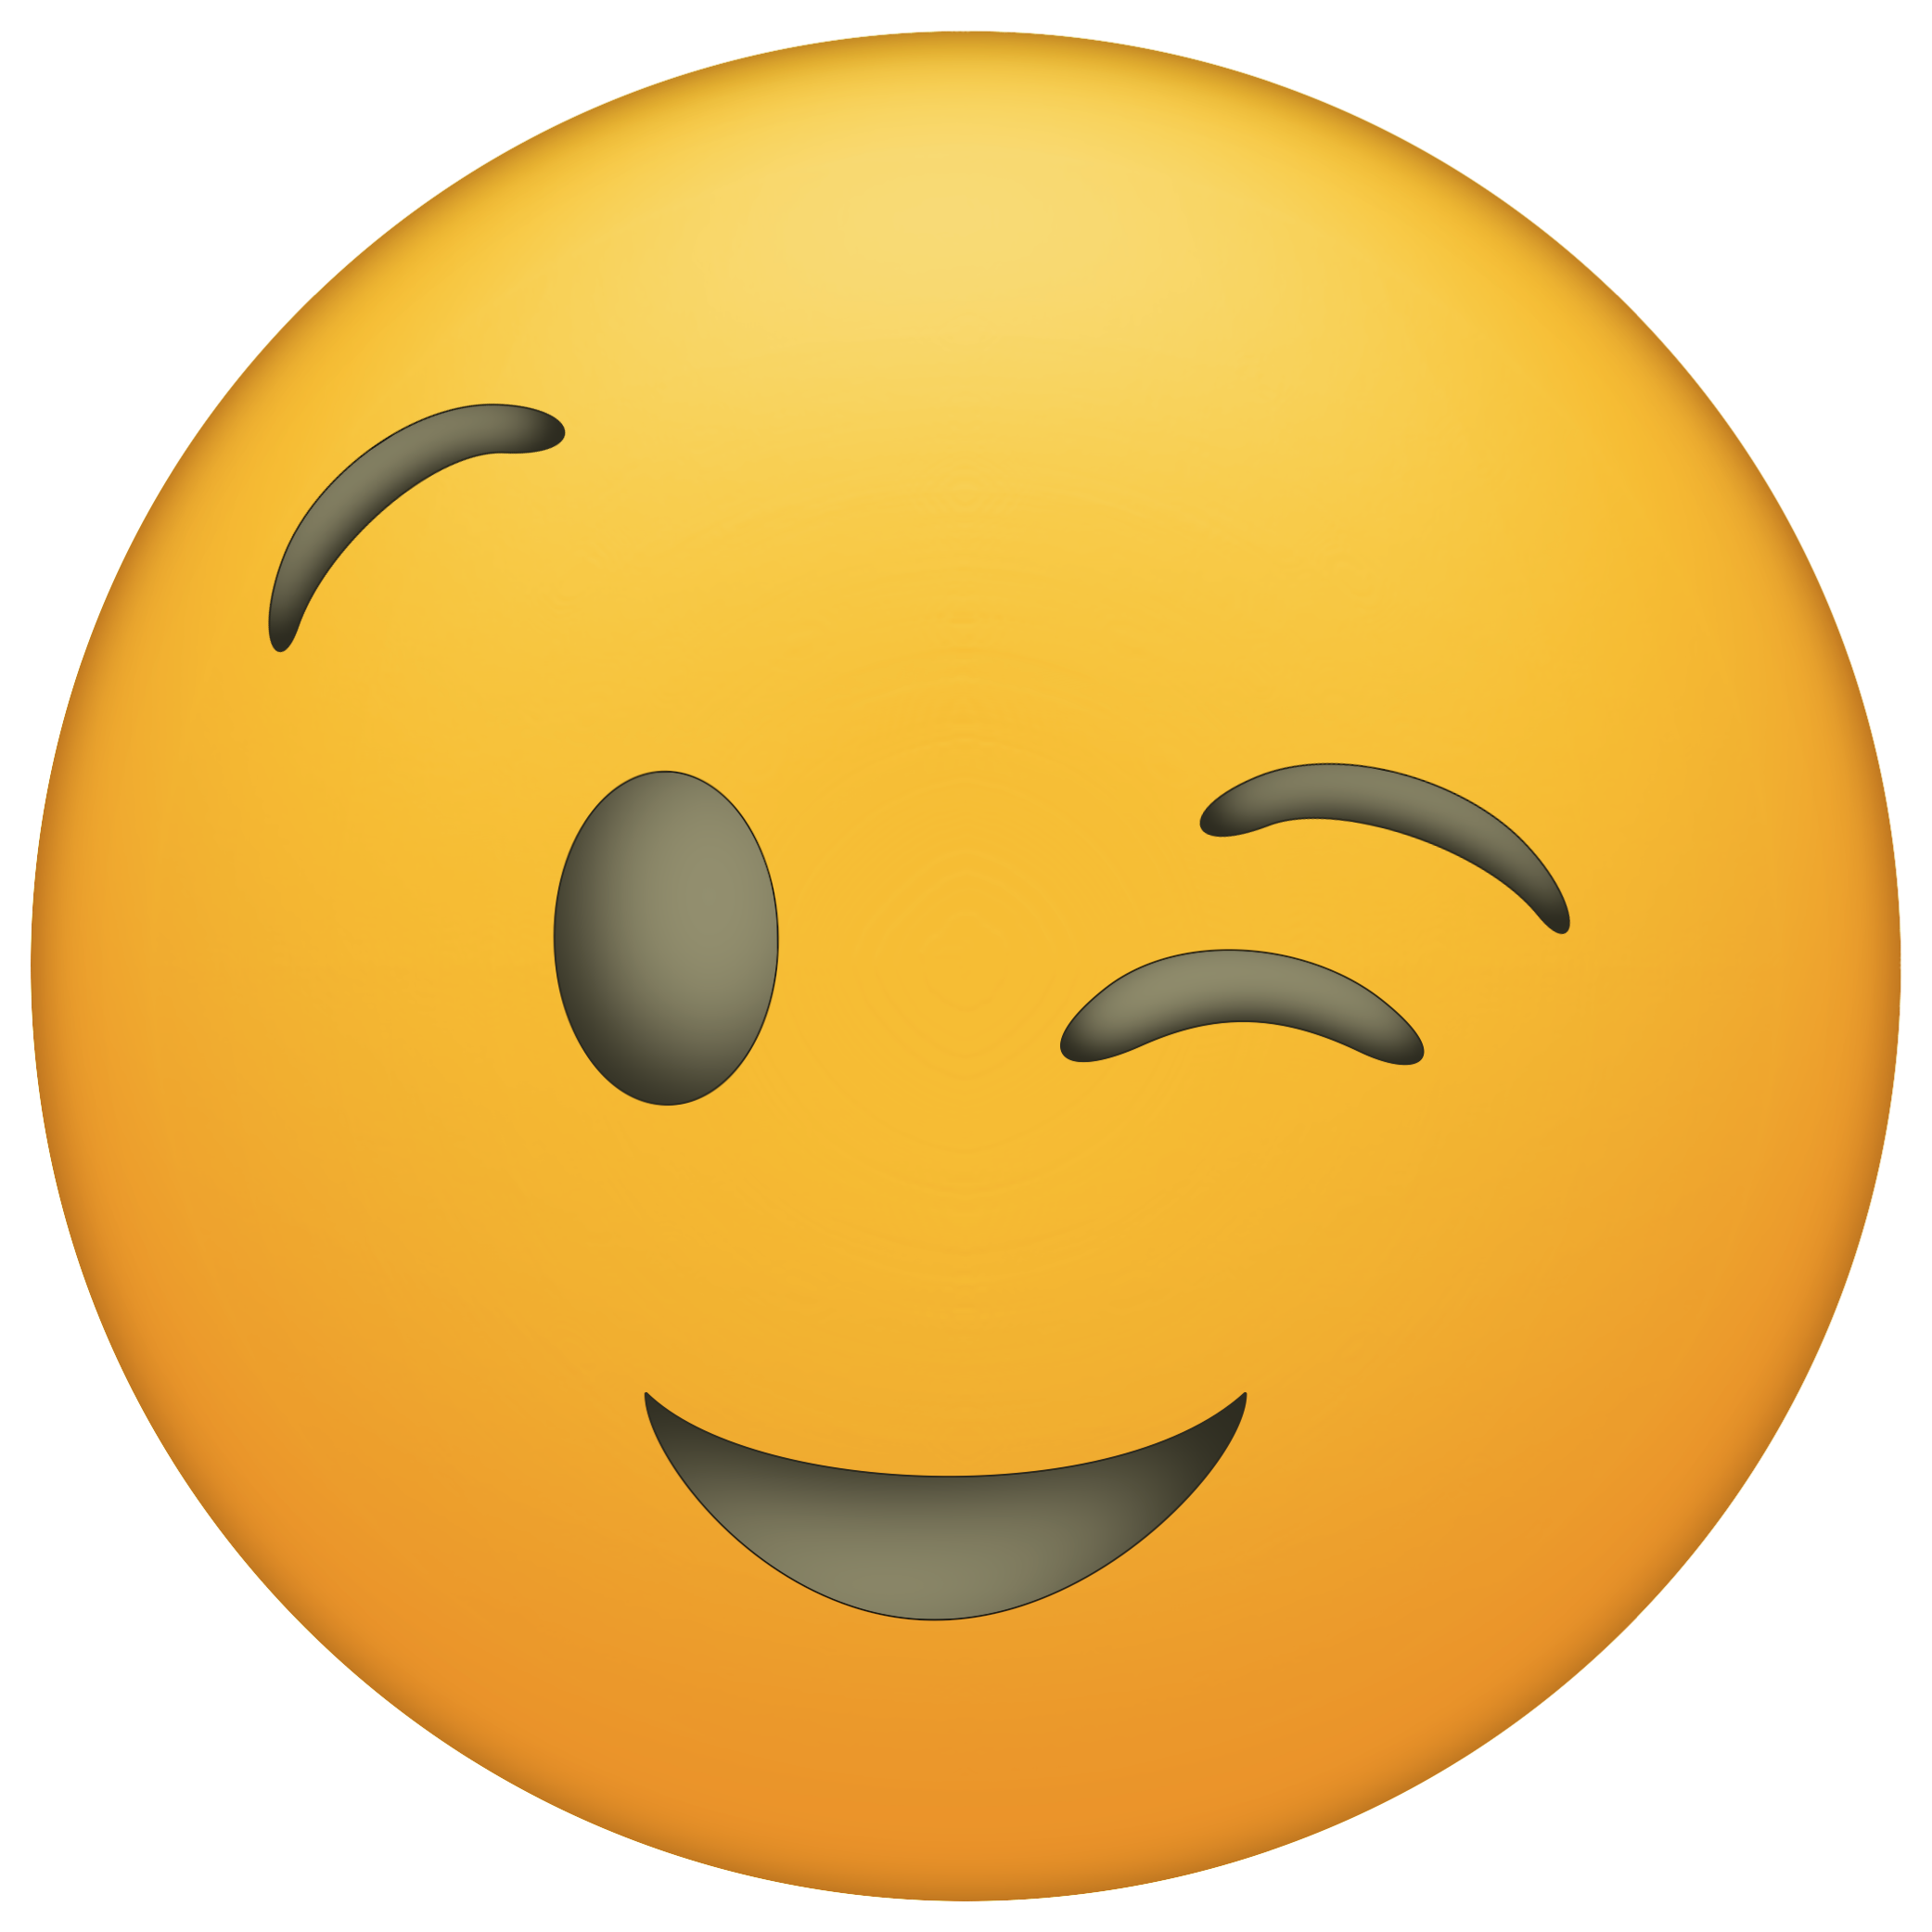 Winky Png 2 083 2 083 Pixels Manualidades De Emojis Caras Emoji Emojis